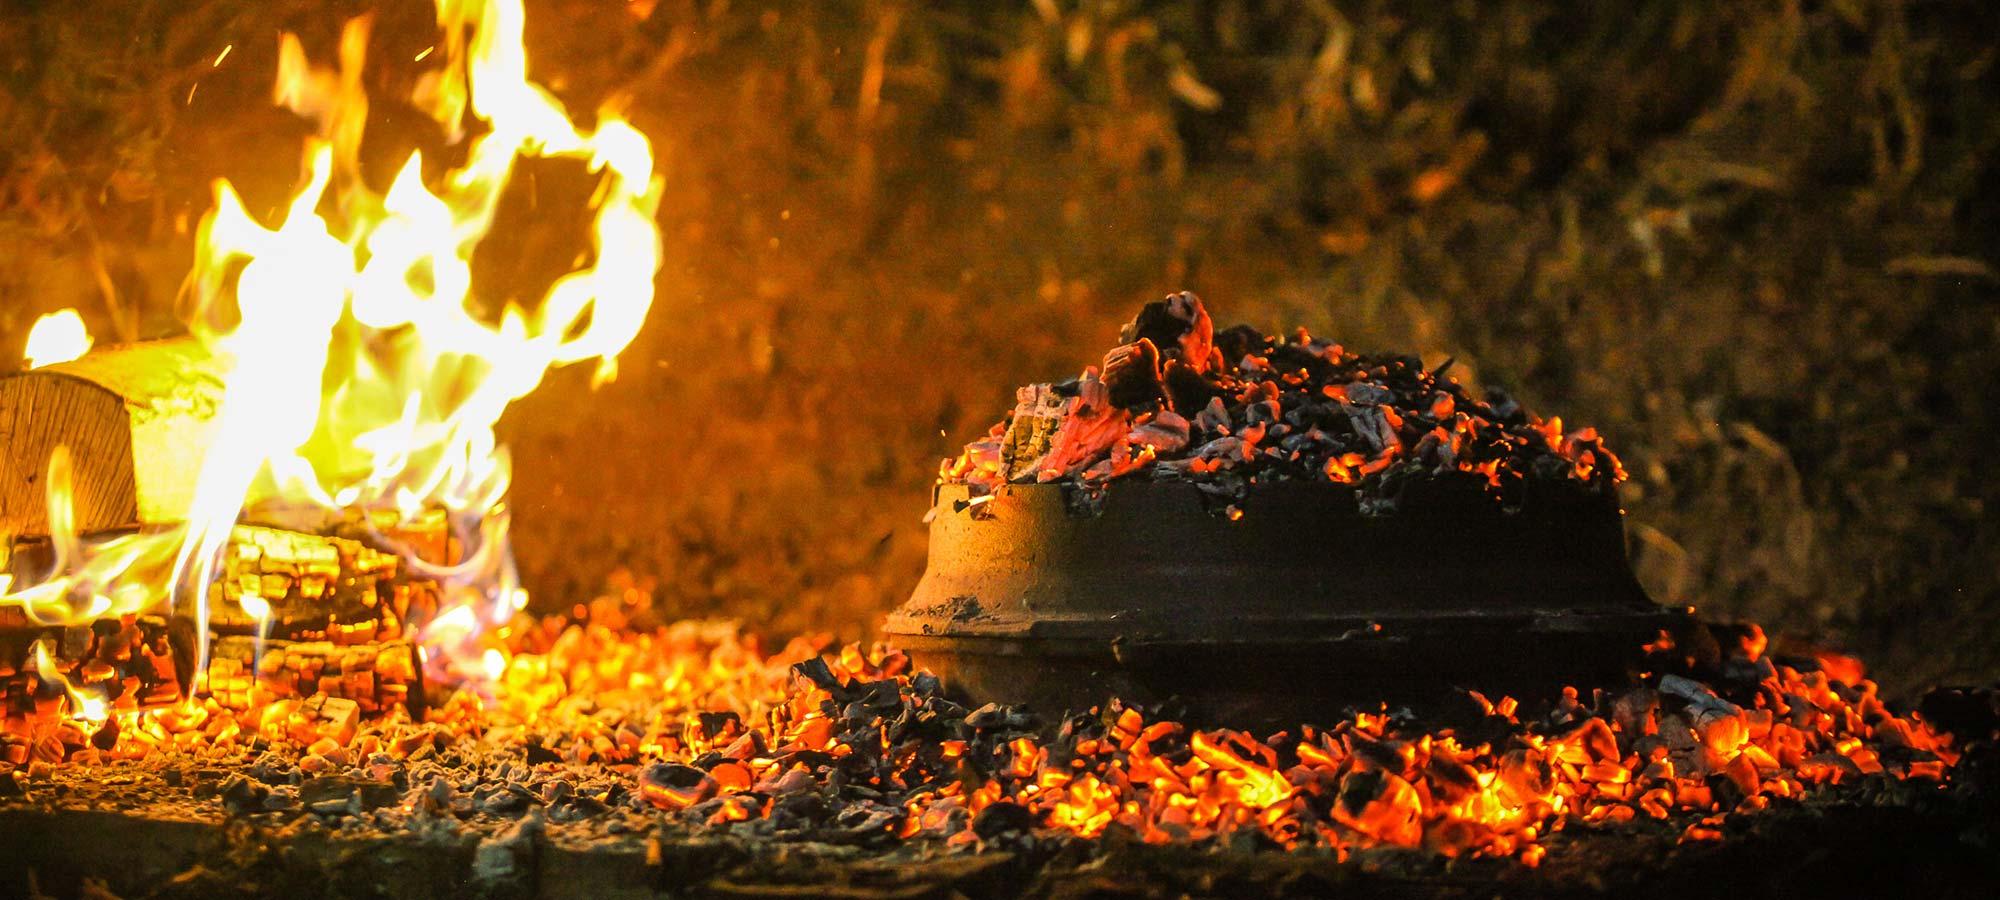 Dalmatinisches traditionelles Essen - Top-Quittungen zum Probieren / Fleischmenü